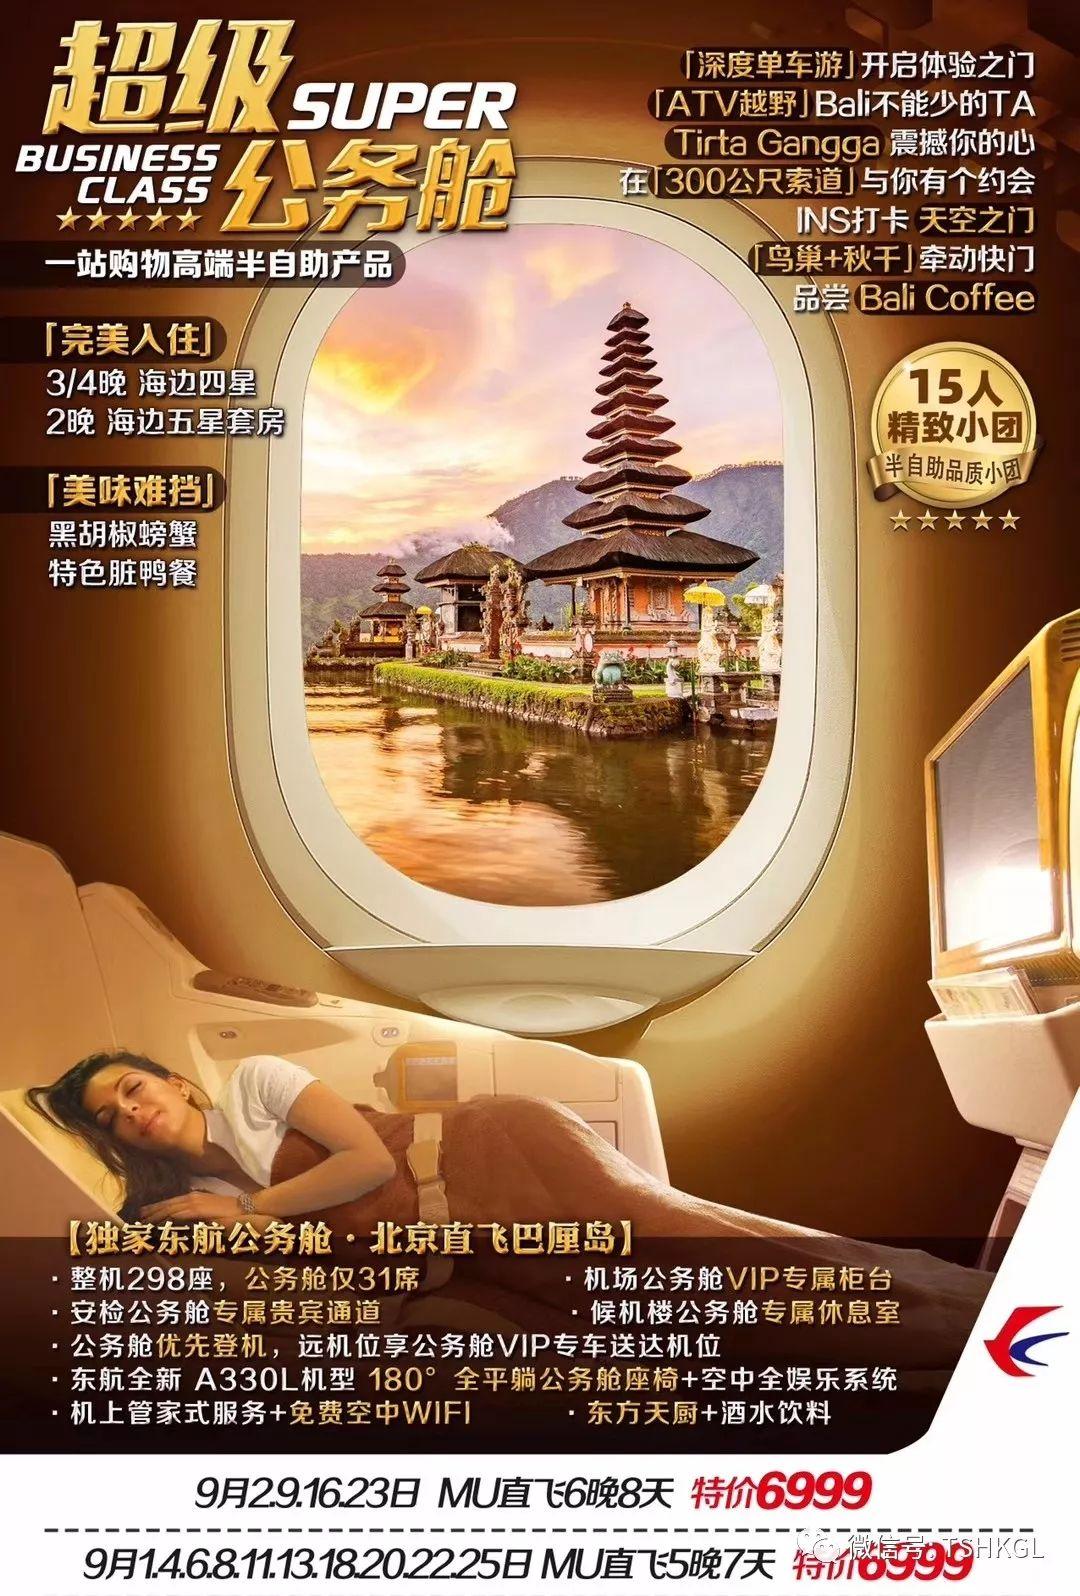 唐山圣典巴厘岛酒店餐厅、菜单、团购 - 唐山 - 订餐小秘书